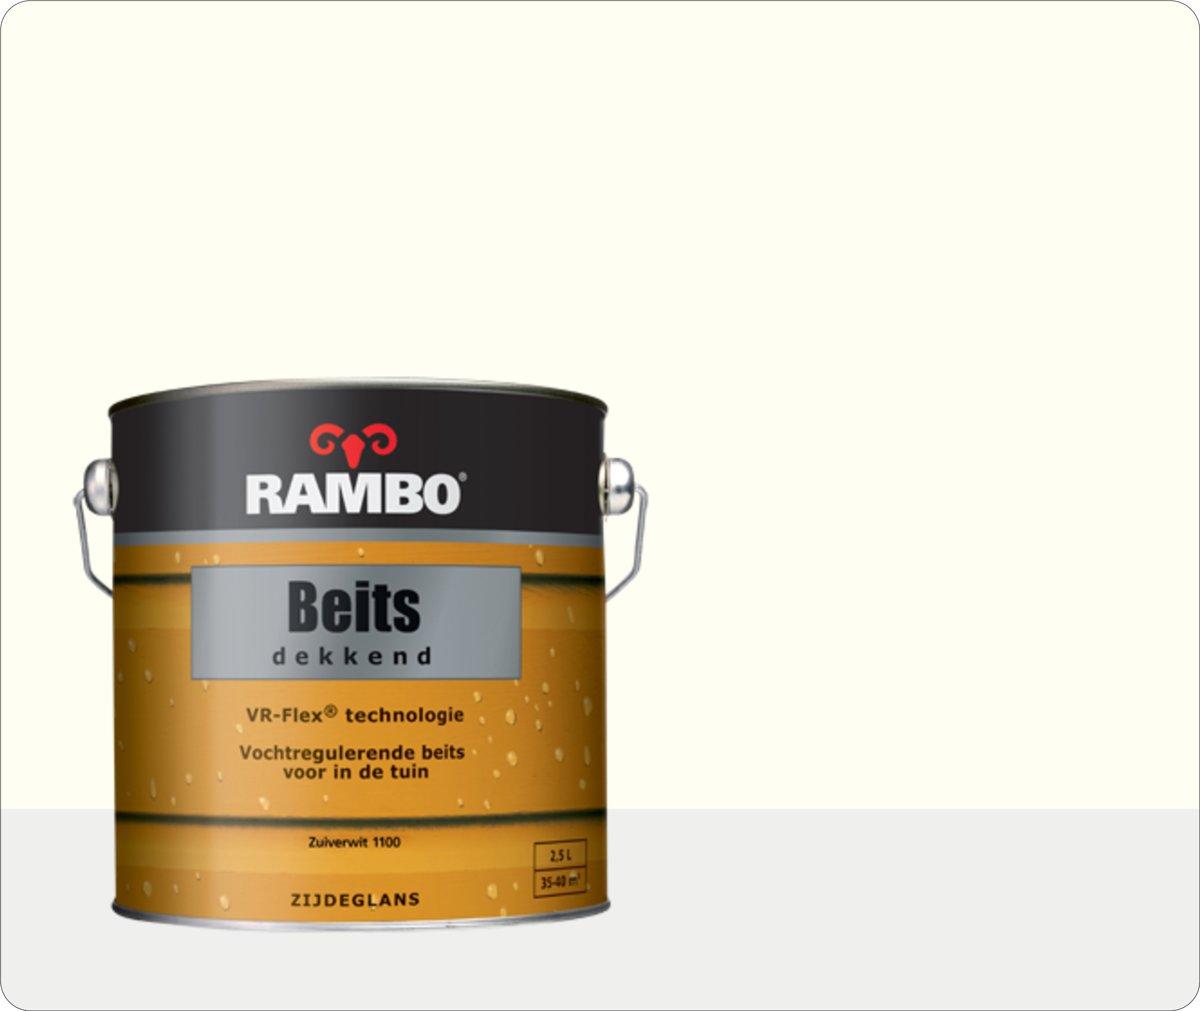 Rambo Beits Dekkend - 2,5 liter - Zuiverwit